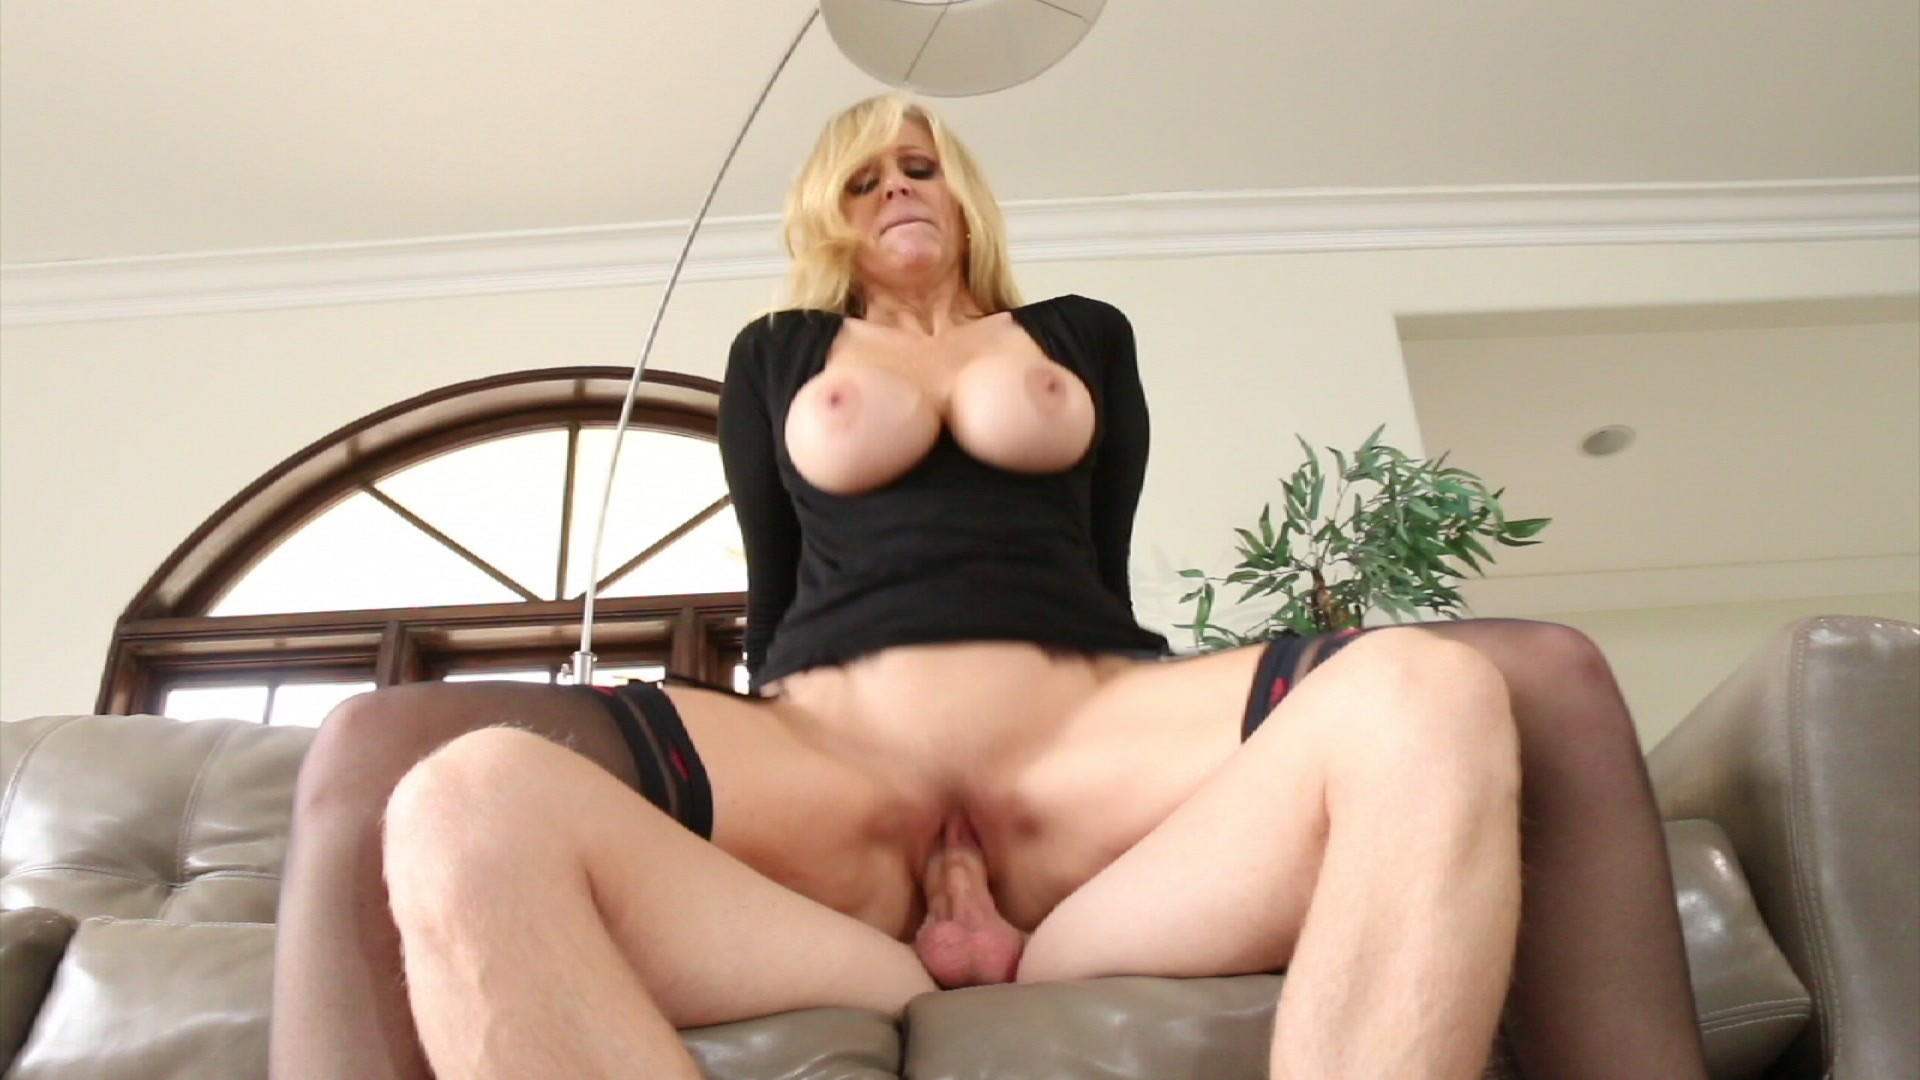 Super hot brunette dildoing her girlfriend